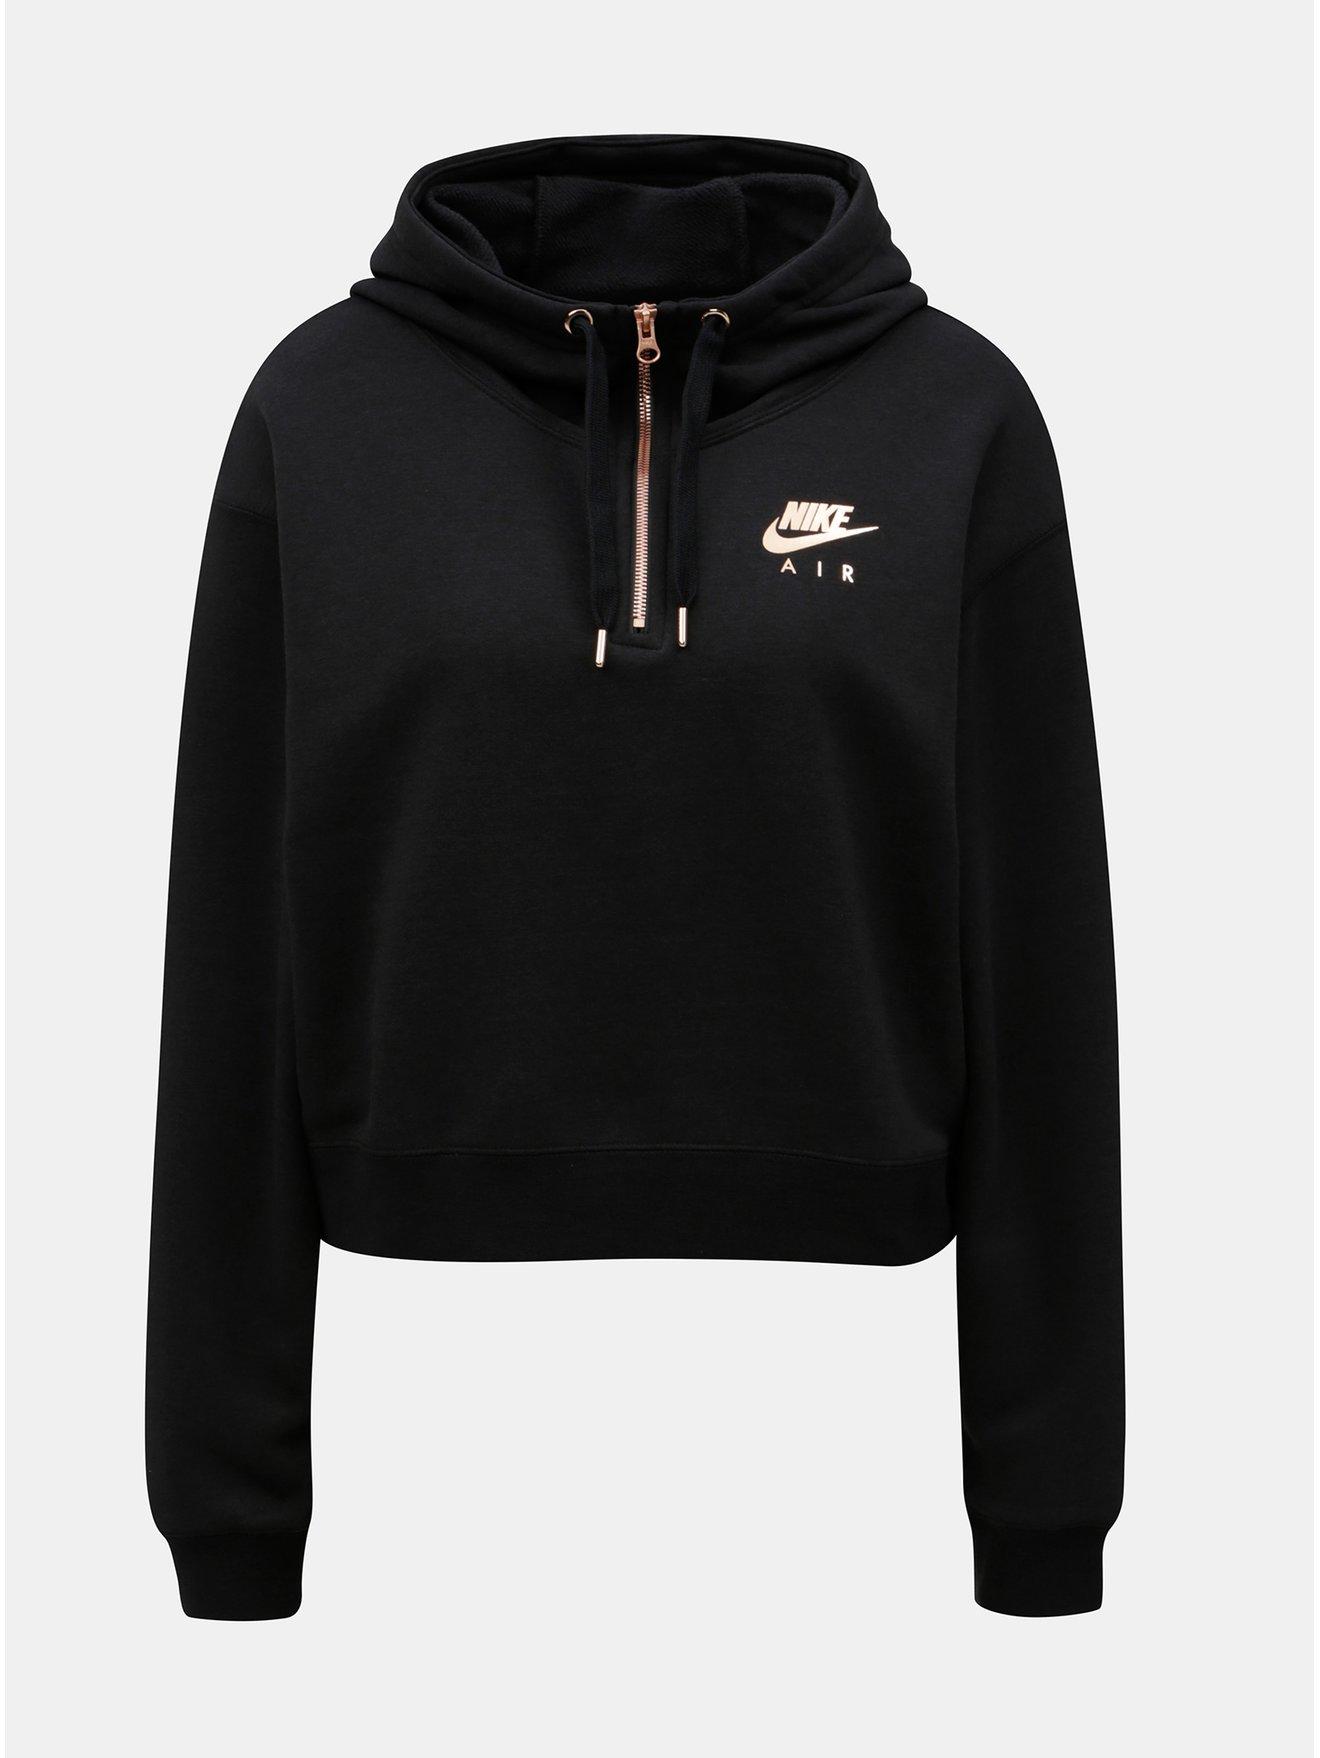 Černá dámská volná zkrácená mikina s kapucí Nike